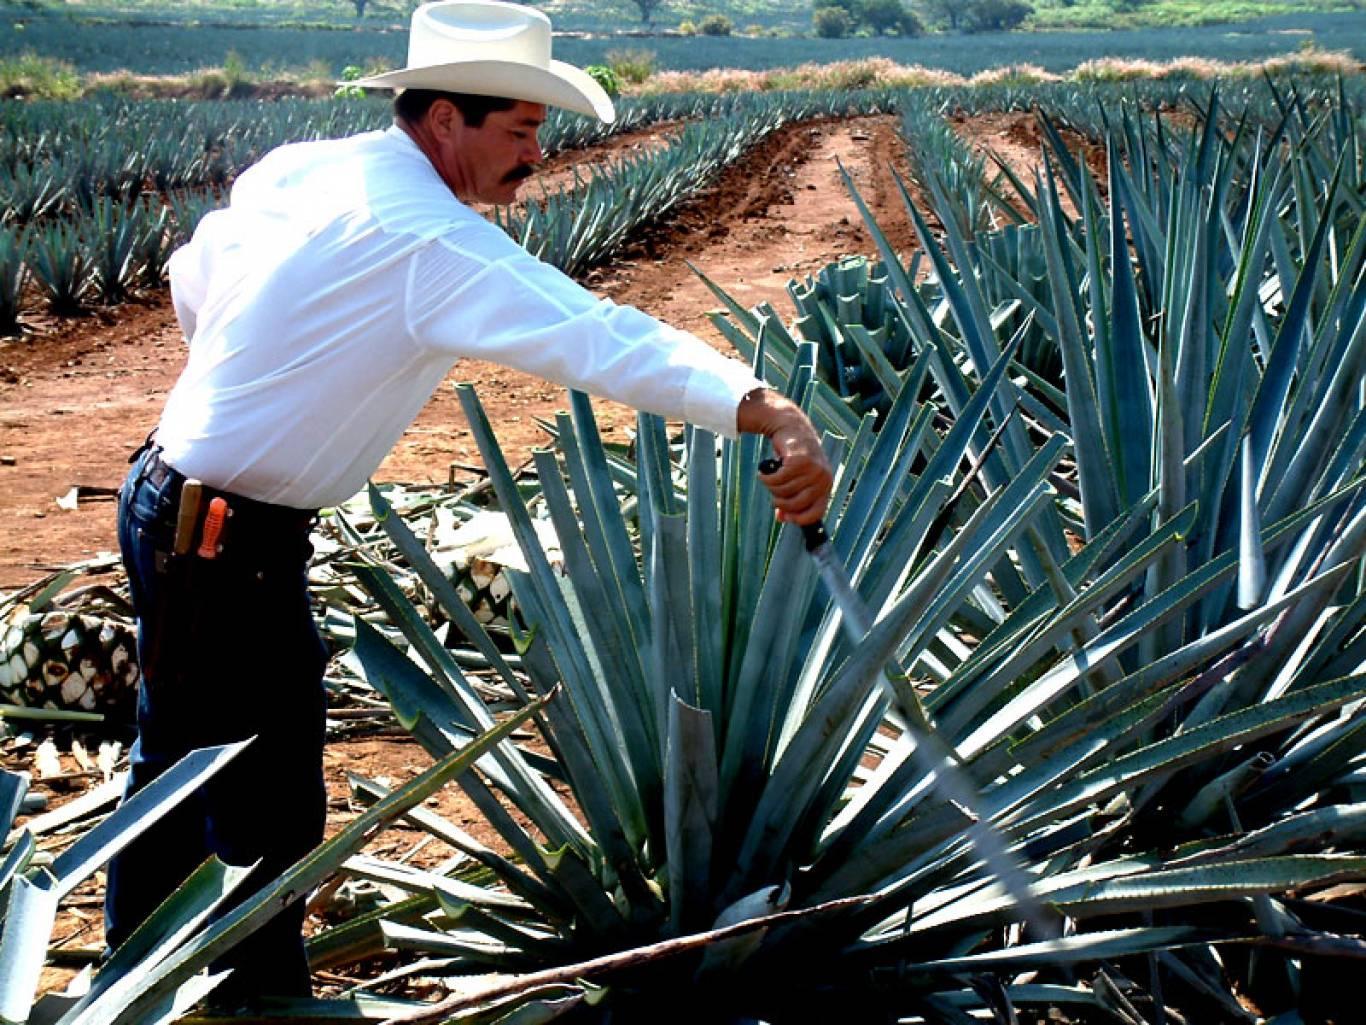 Текила и мескаль. Крепкая гордость Мексики